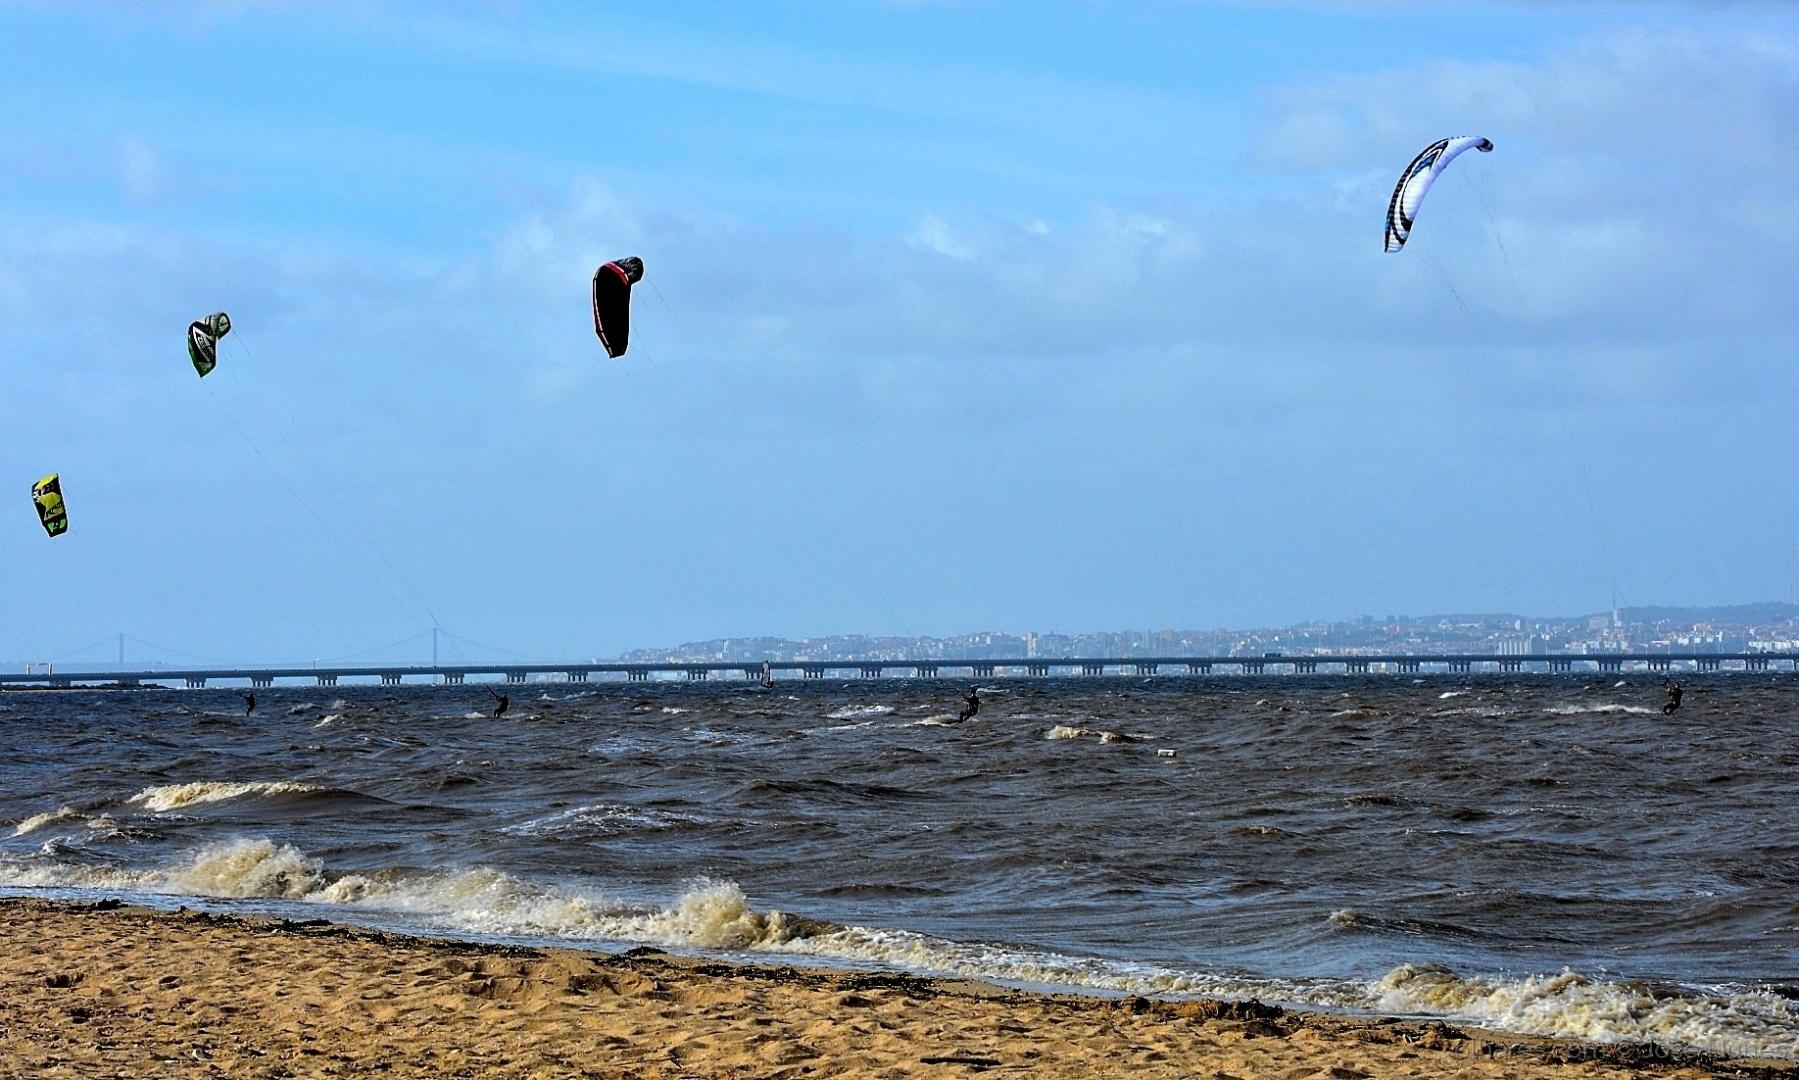 Desporto e Ação/Kitesurfing no Tejo